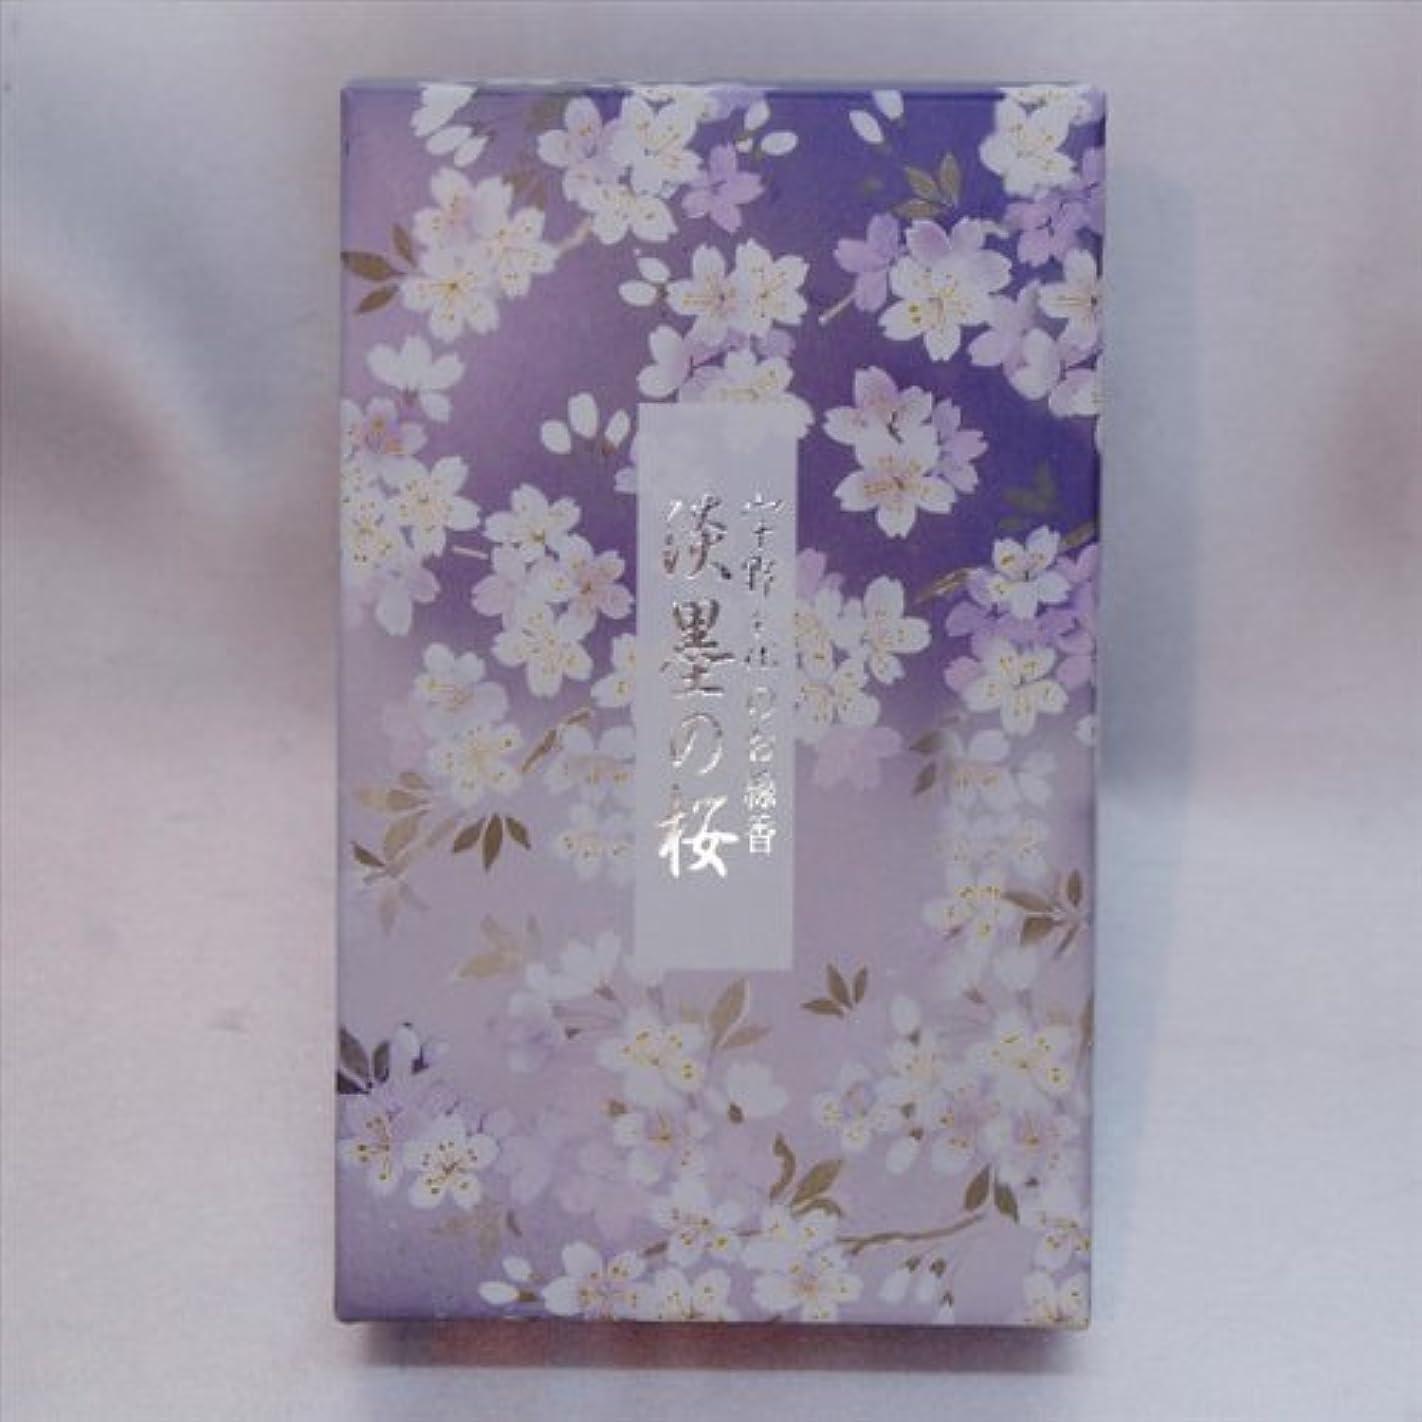 調子巻き取りガス線香 【淡墨の桜】 煙の少ない お線香 微煙香